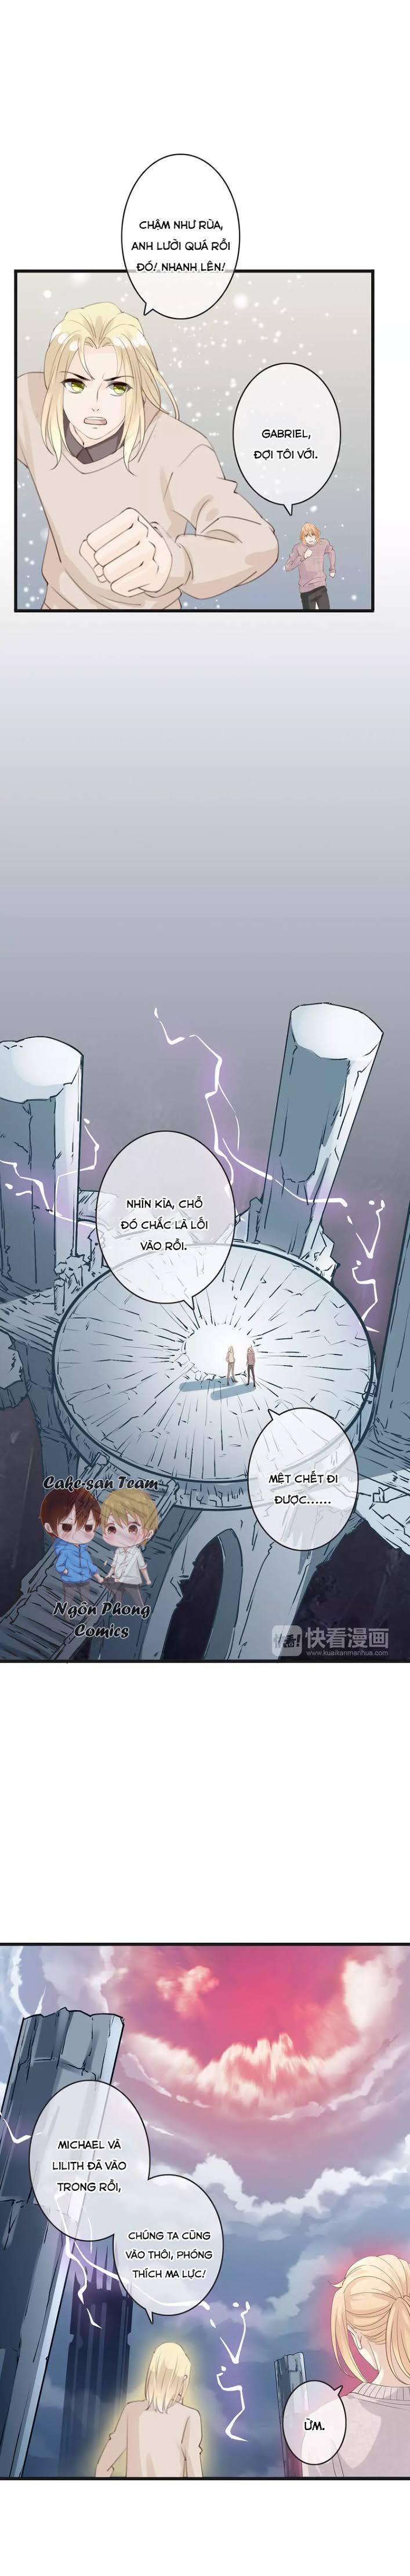 Thiên Thần Không Có Tiết Tháo – Chap 30